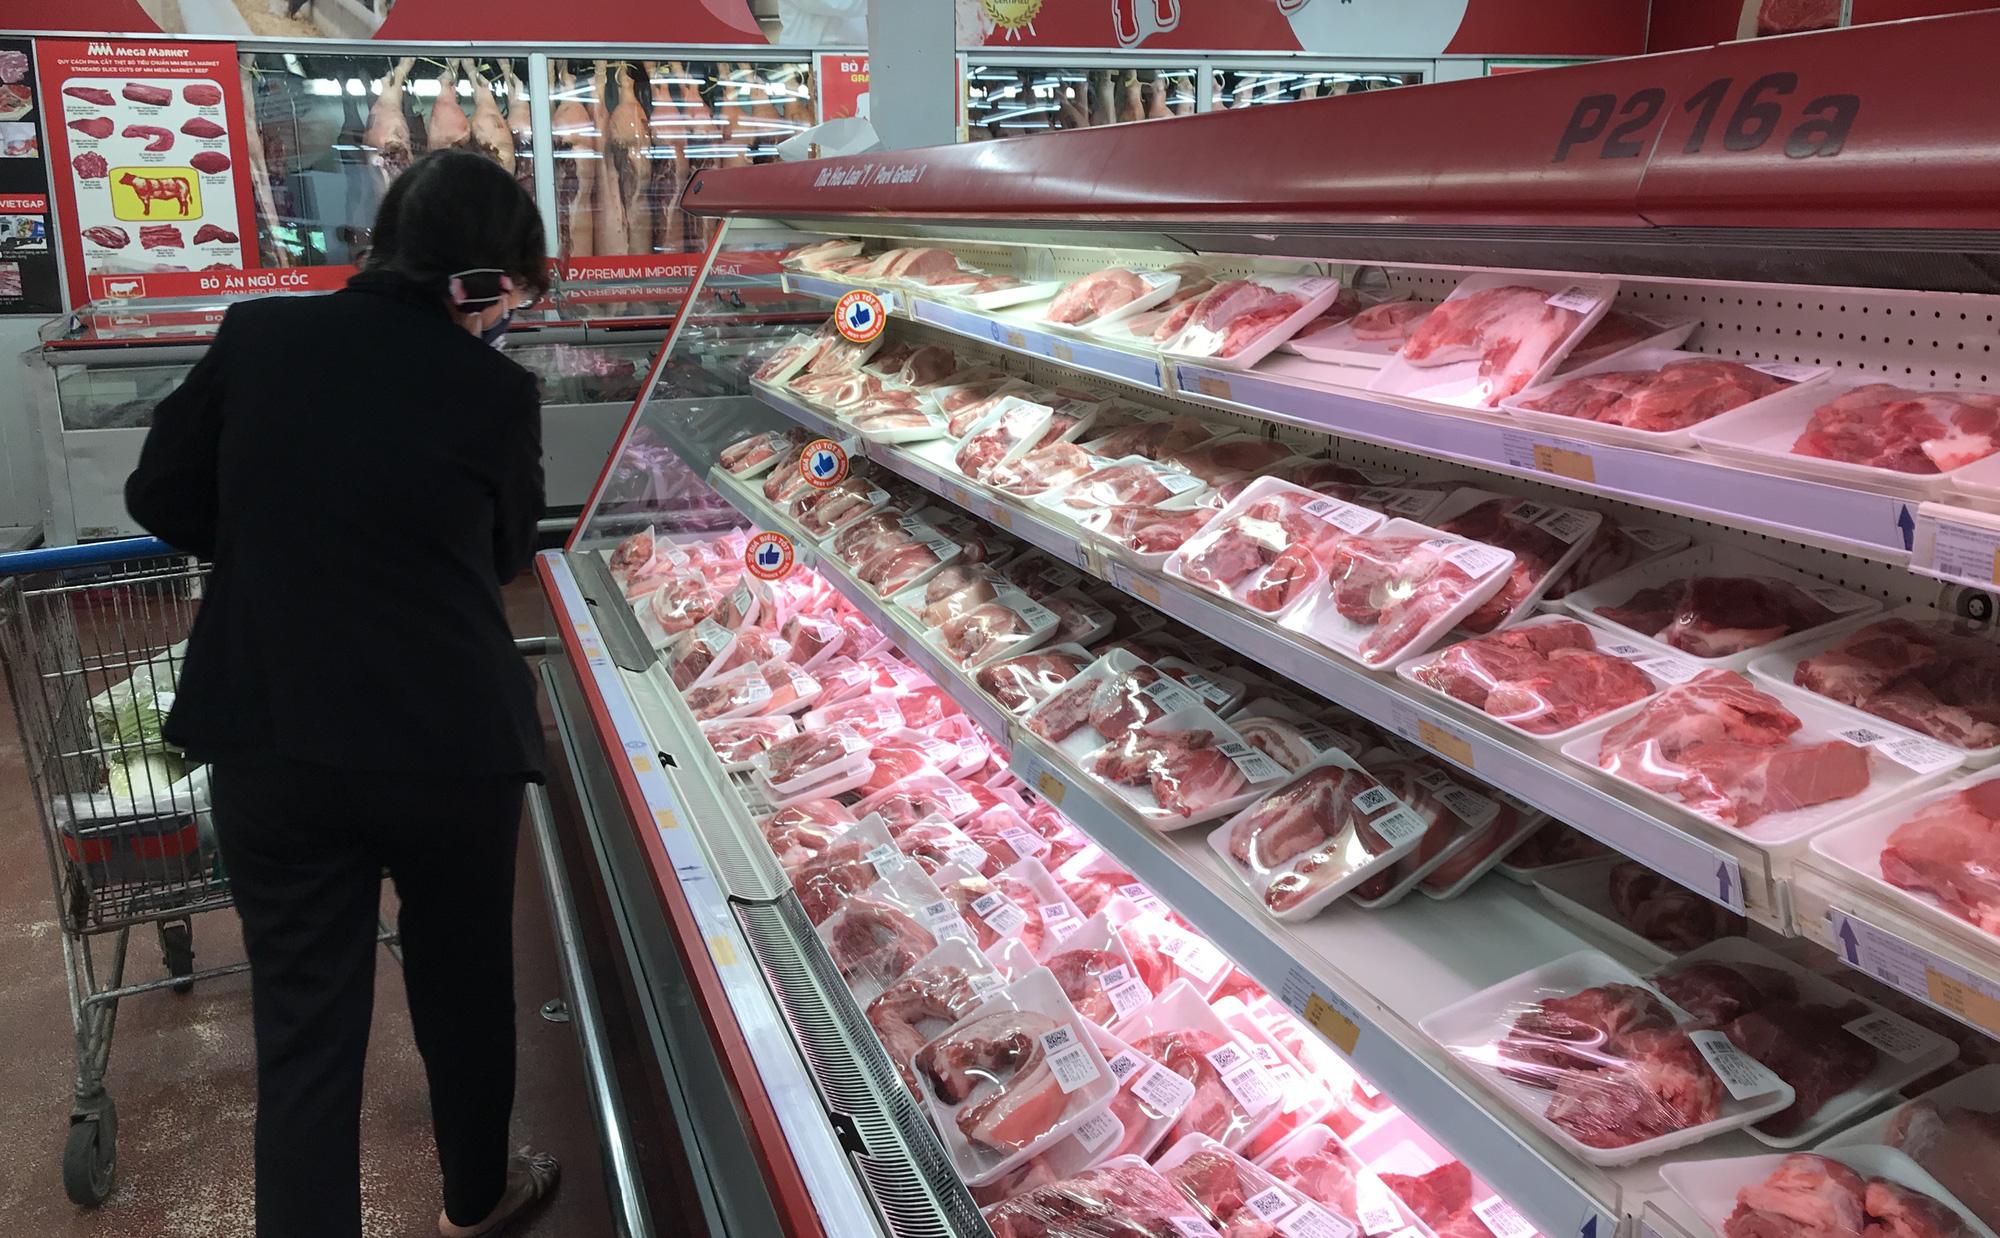 Chuẩn bị nhập 50.000 tấn thịt heo để giảm giá heo hơi trong nước - Ảnh 1.